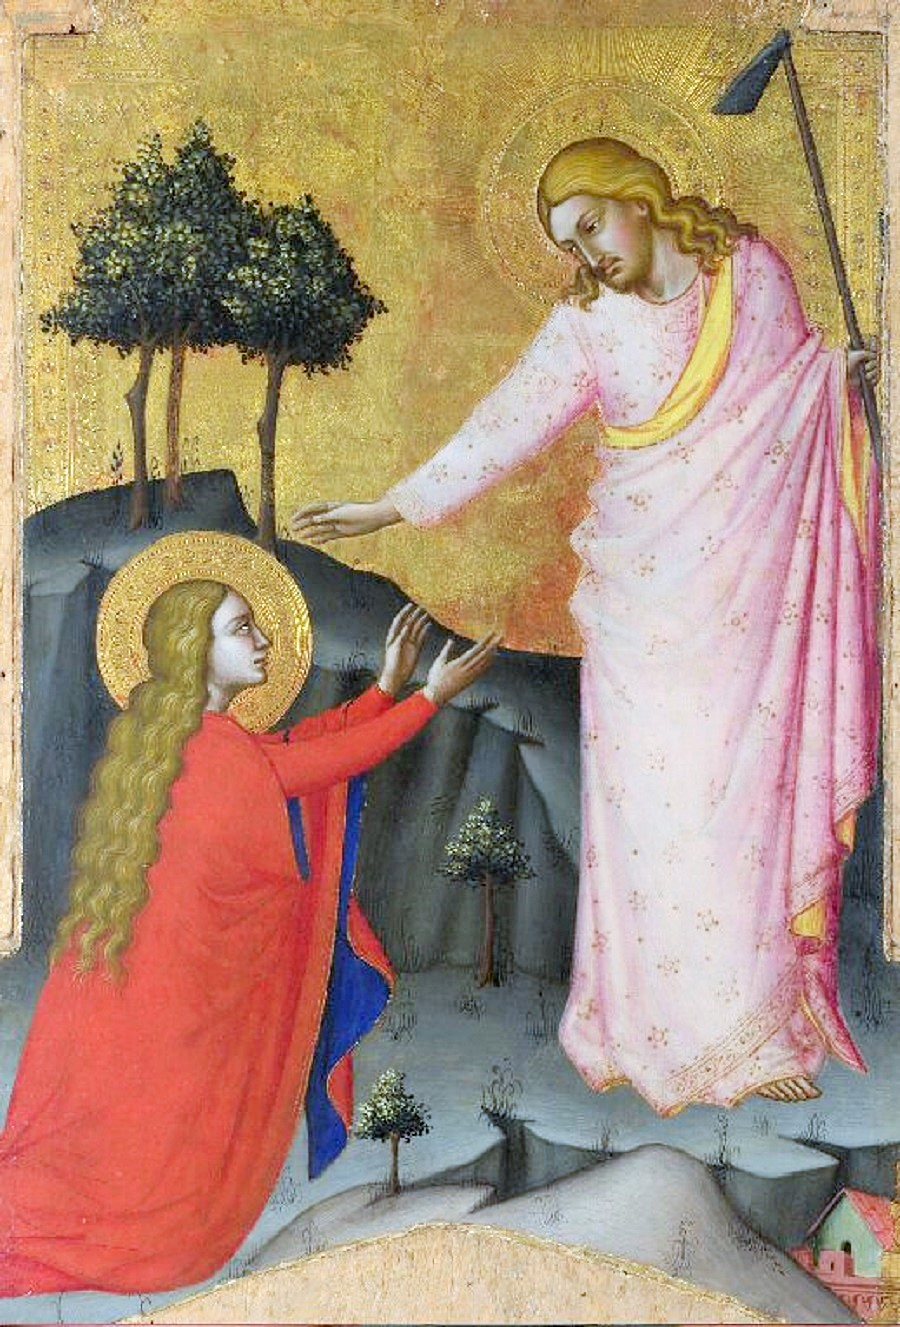 Noli me tangere by Jacopo di Cione